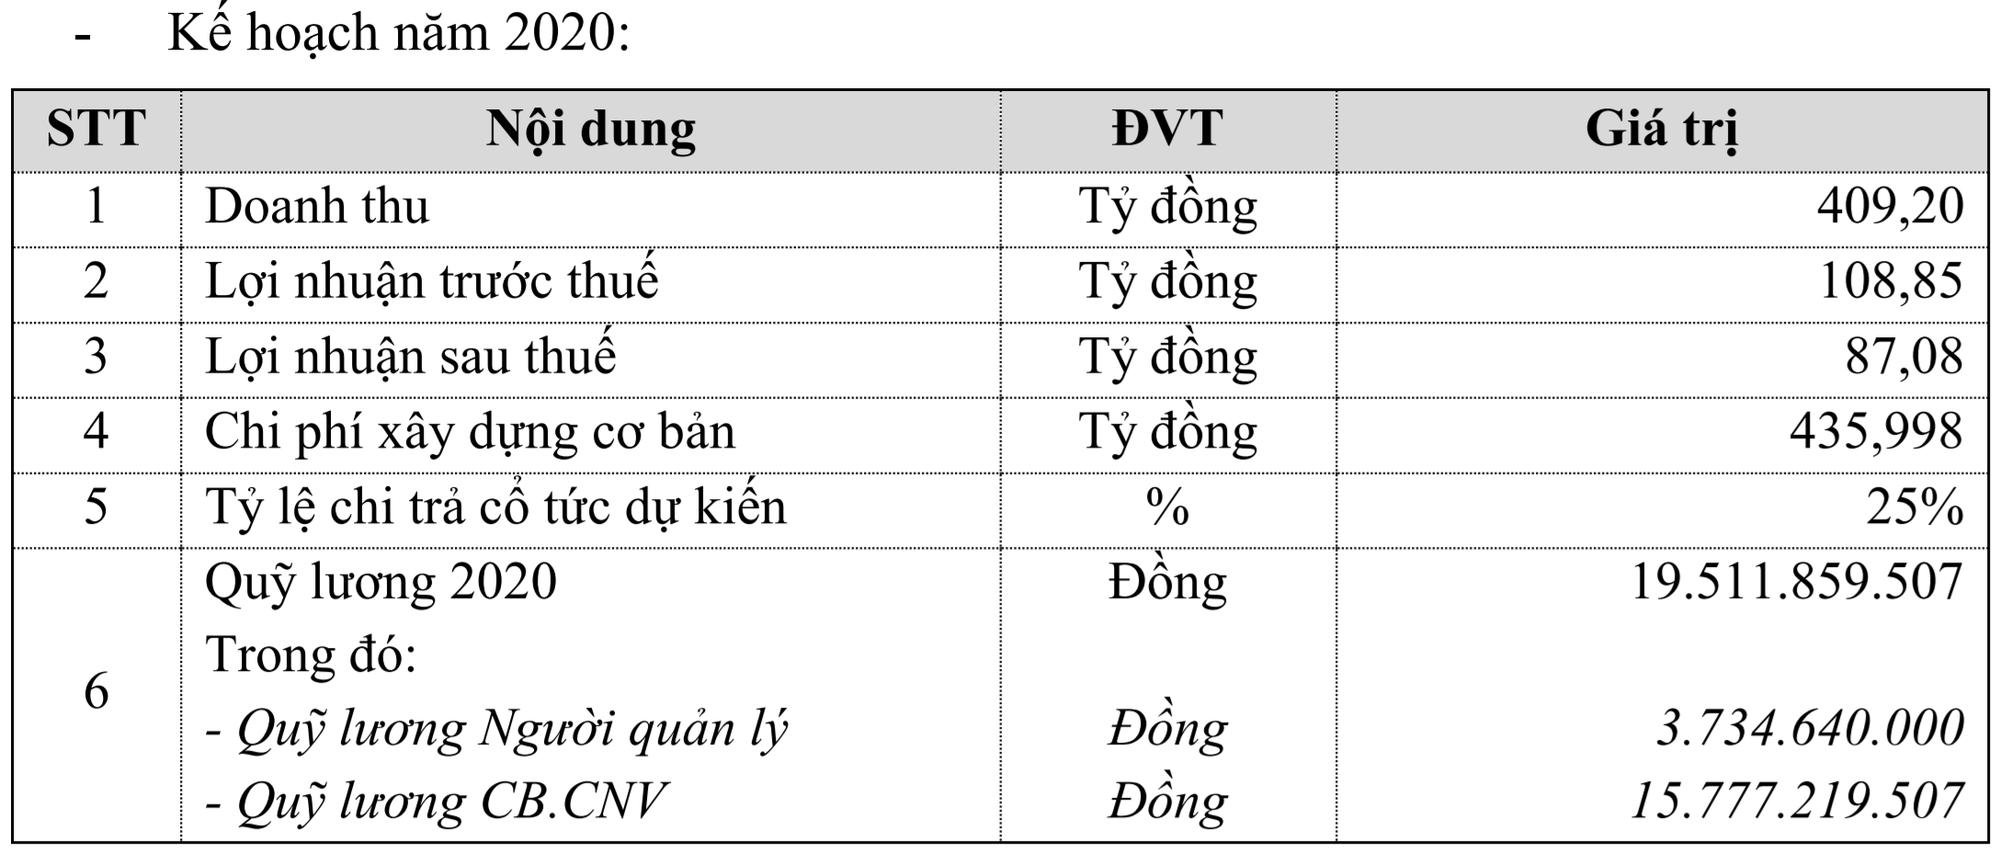 Sonadezi Long Thành: Mục tiêu lãi ròng năm 2020 có thể giảm hơn 40% do ảnh hưởng từ dịch Covid-19 - Ảnh 1.